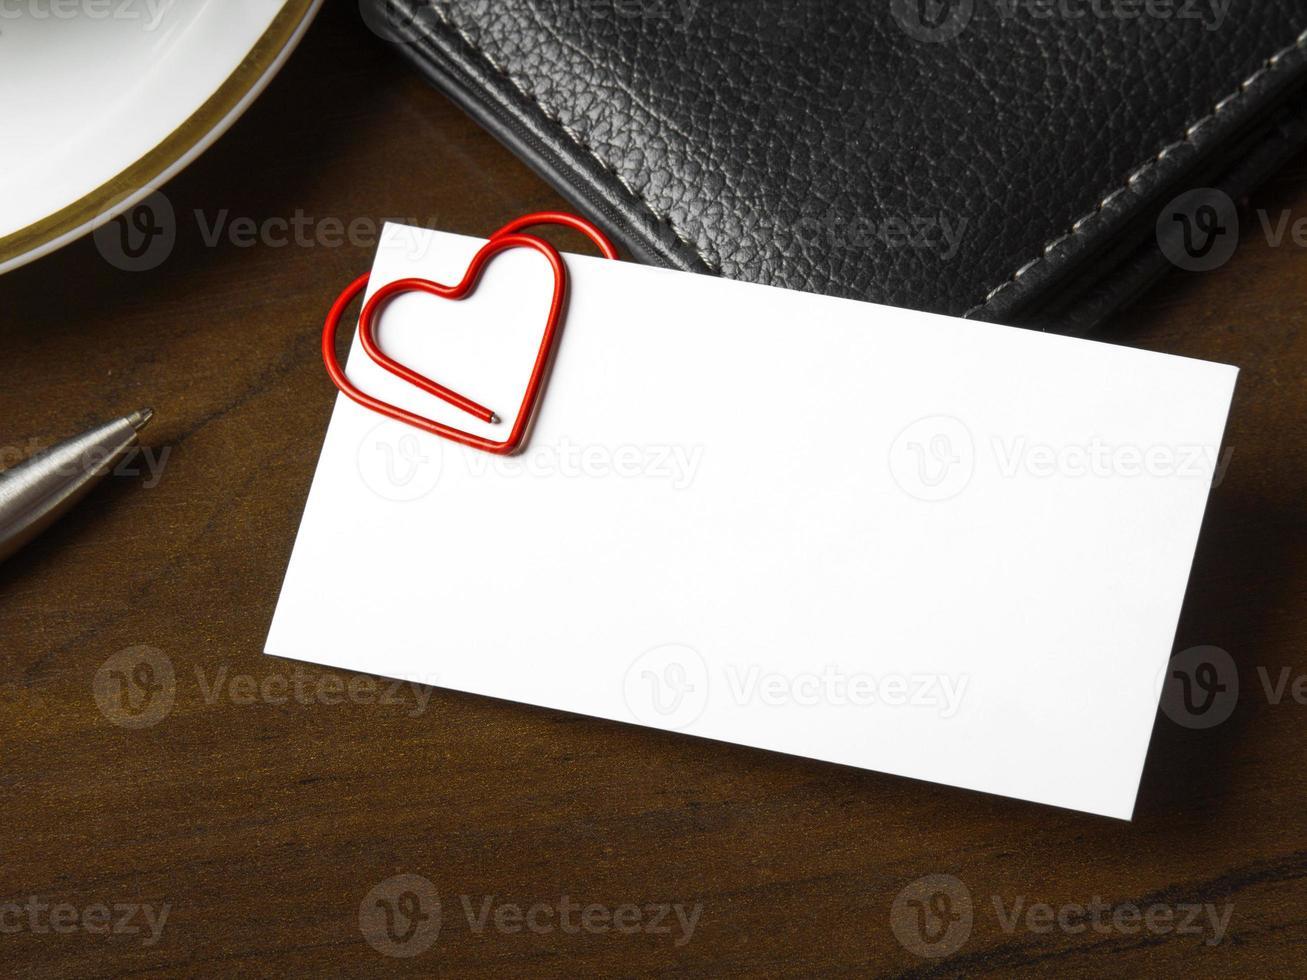 romantische werkplekrelatieconcept, romantiek op kantoor foto